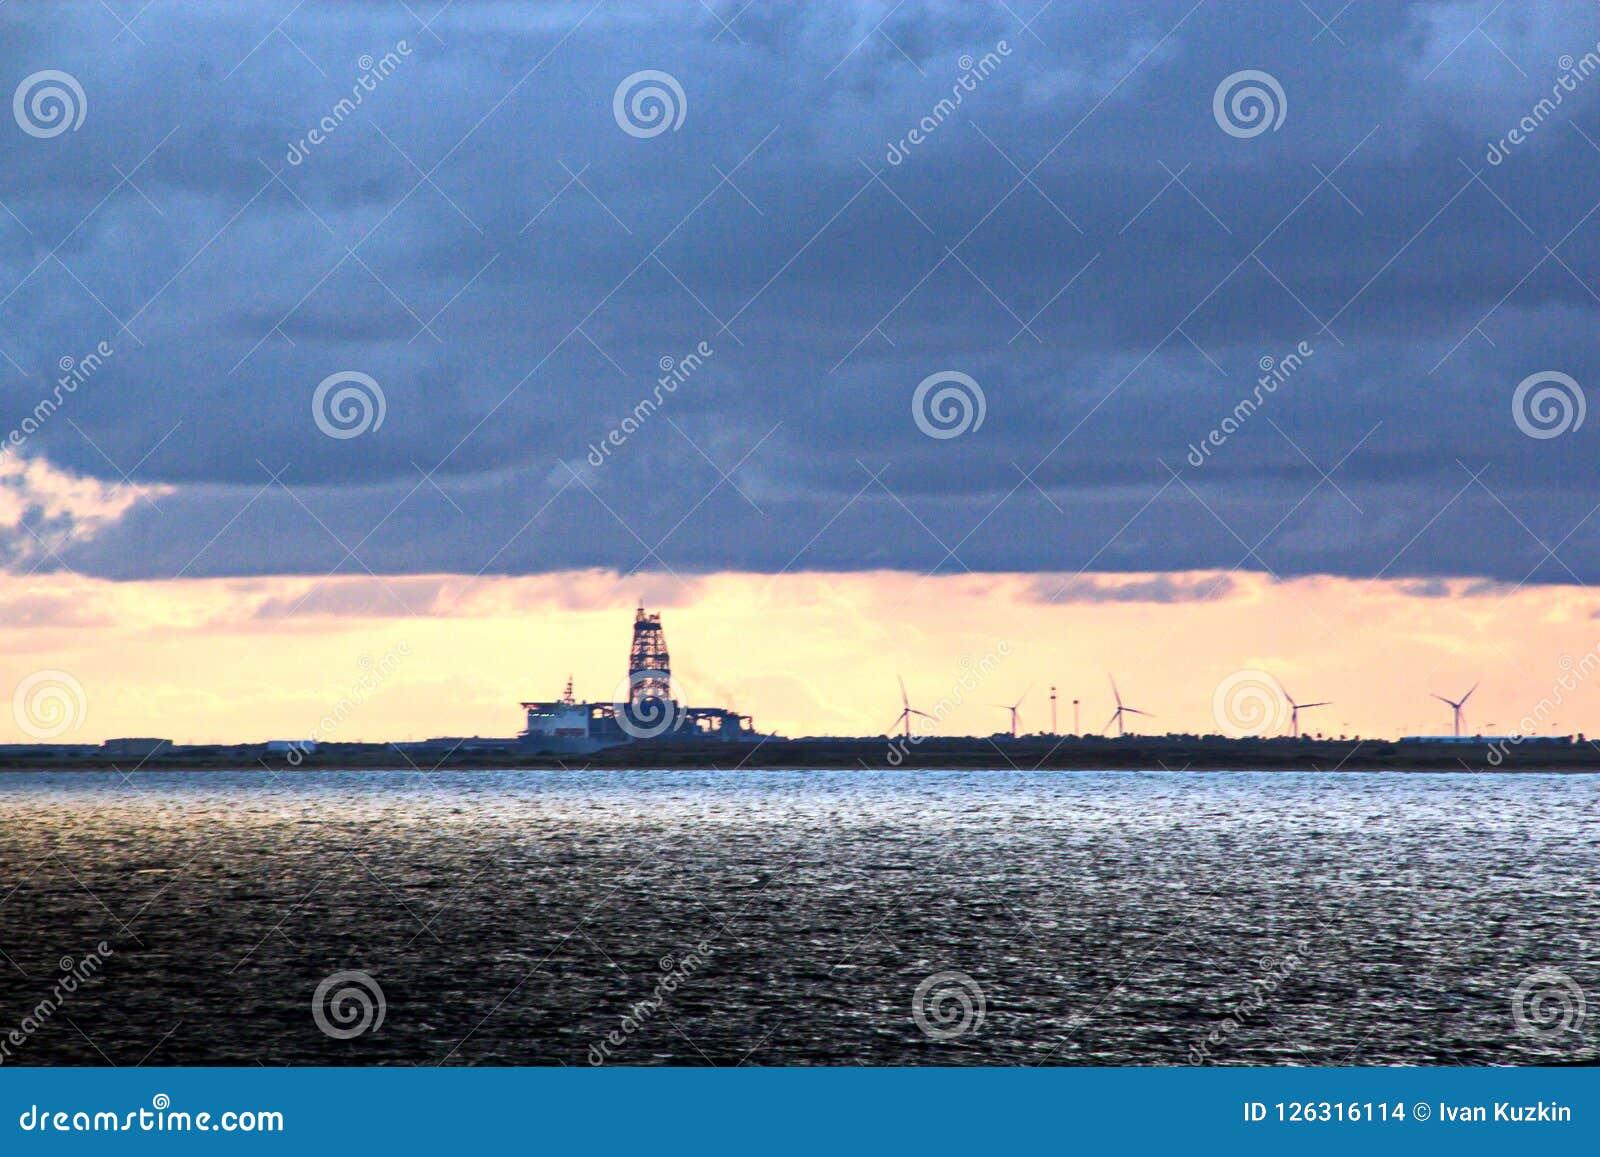 Vistas panorâmicas da costa da cidade de Brownsville, EUA no dia e na noite nos raios vermelhos do por do sol junho, 20